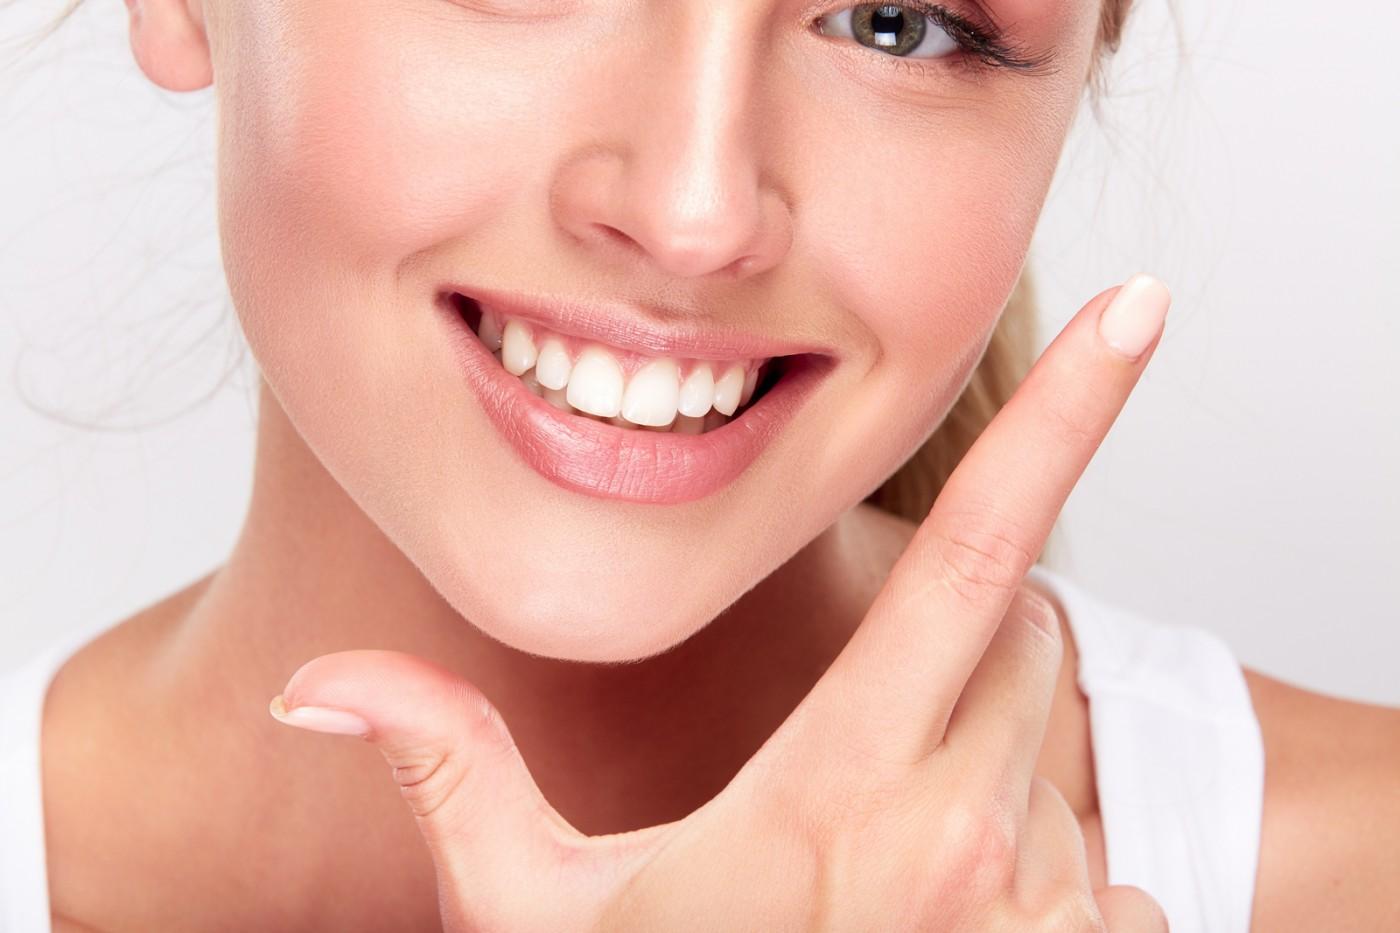 Contra implanturilor dentare: răbdarea este o virtute